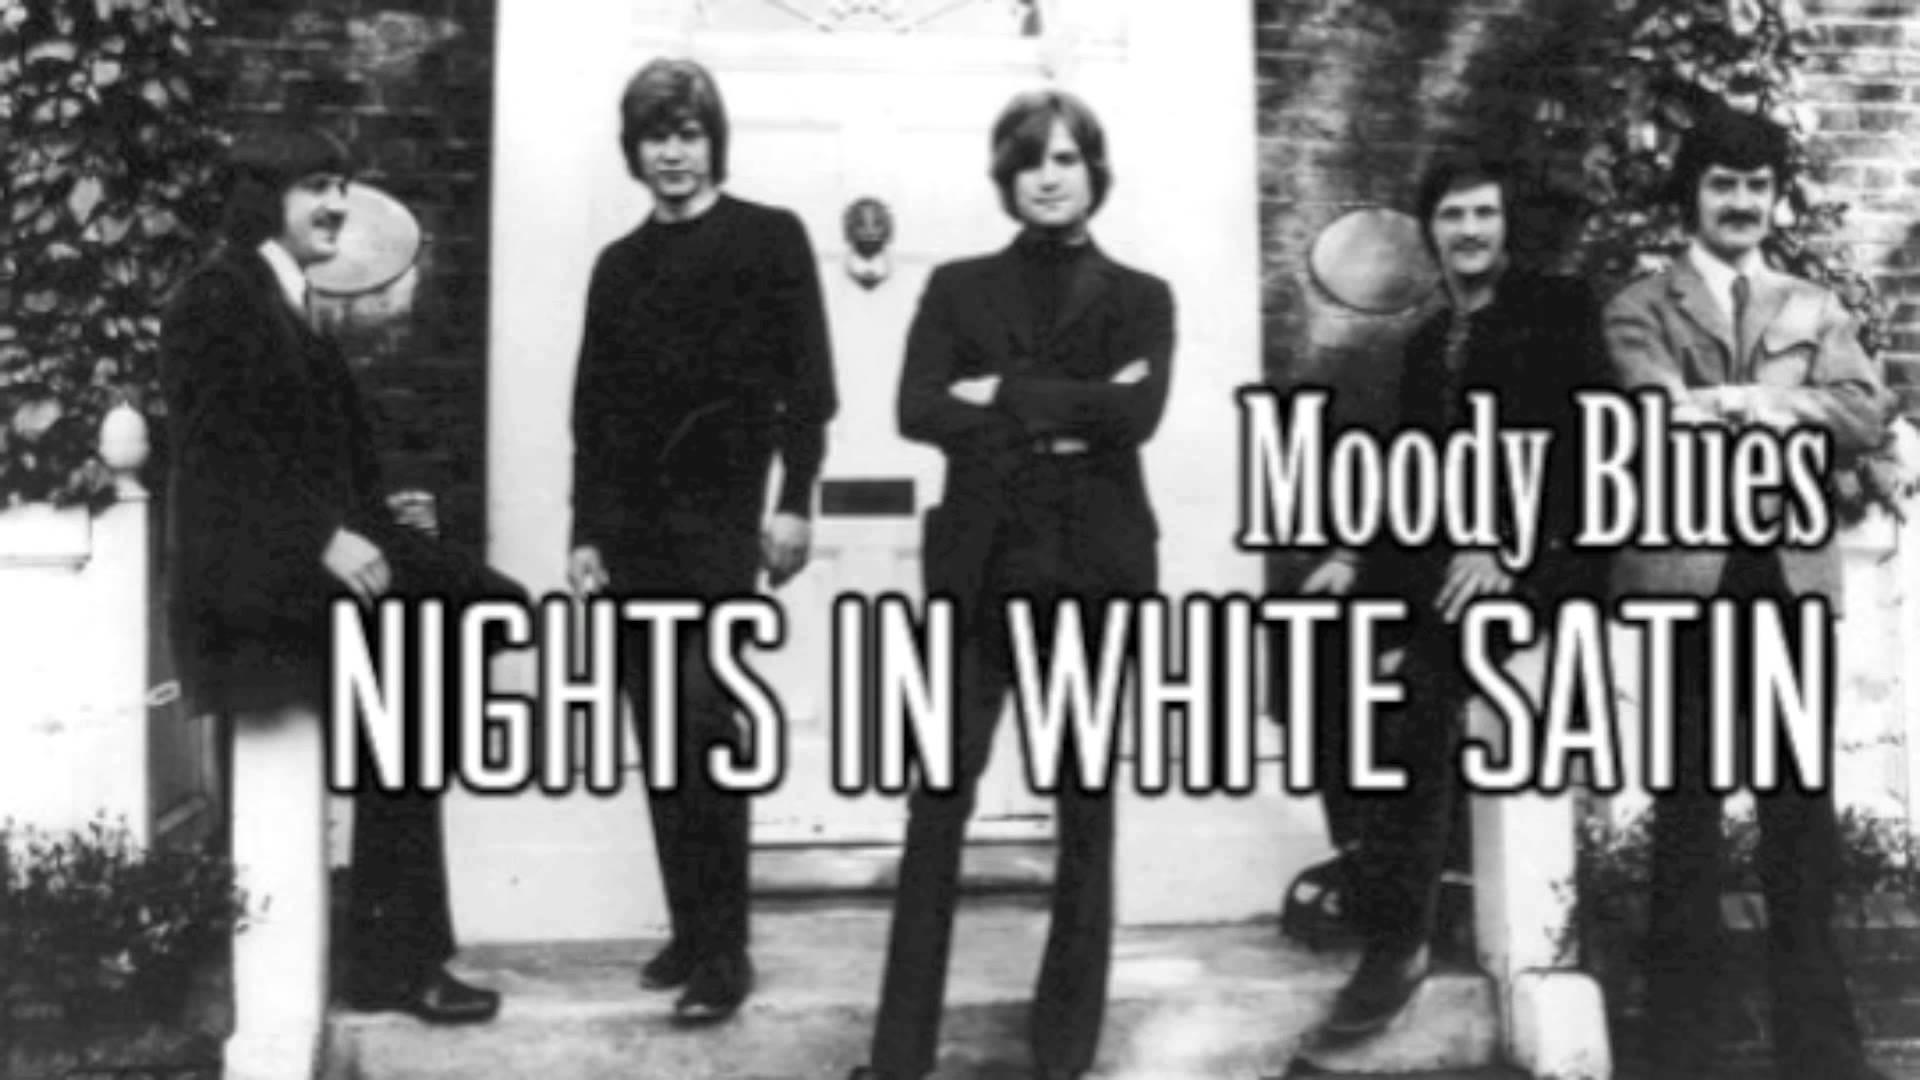 LED ZEPPELIN Classic Hard Rock Blues Wallpapers Desktop